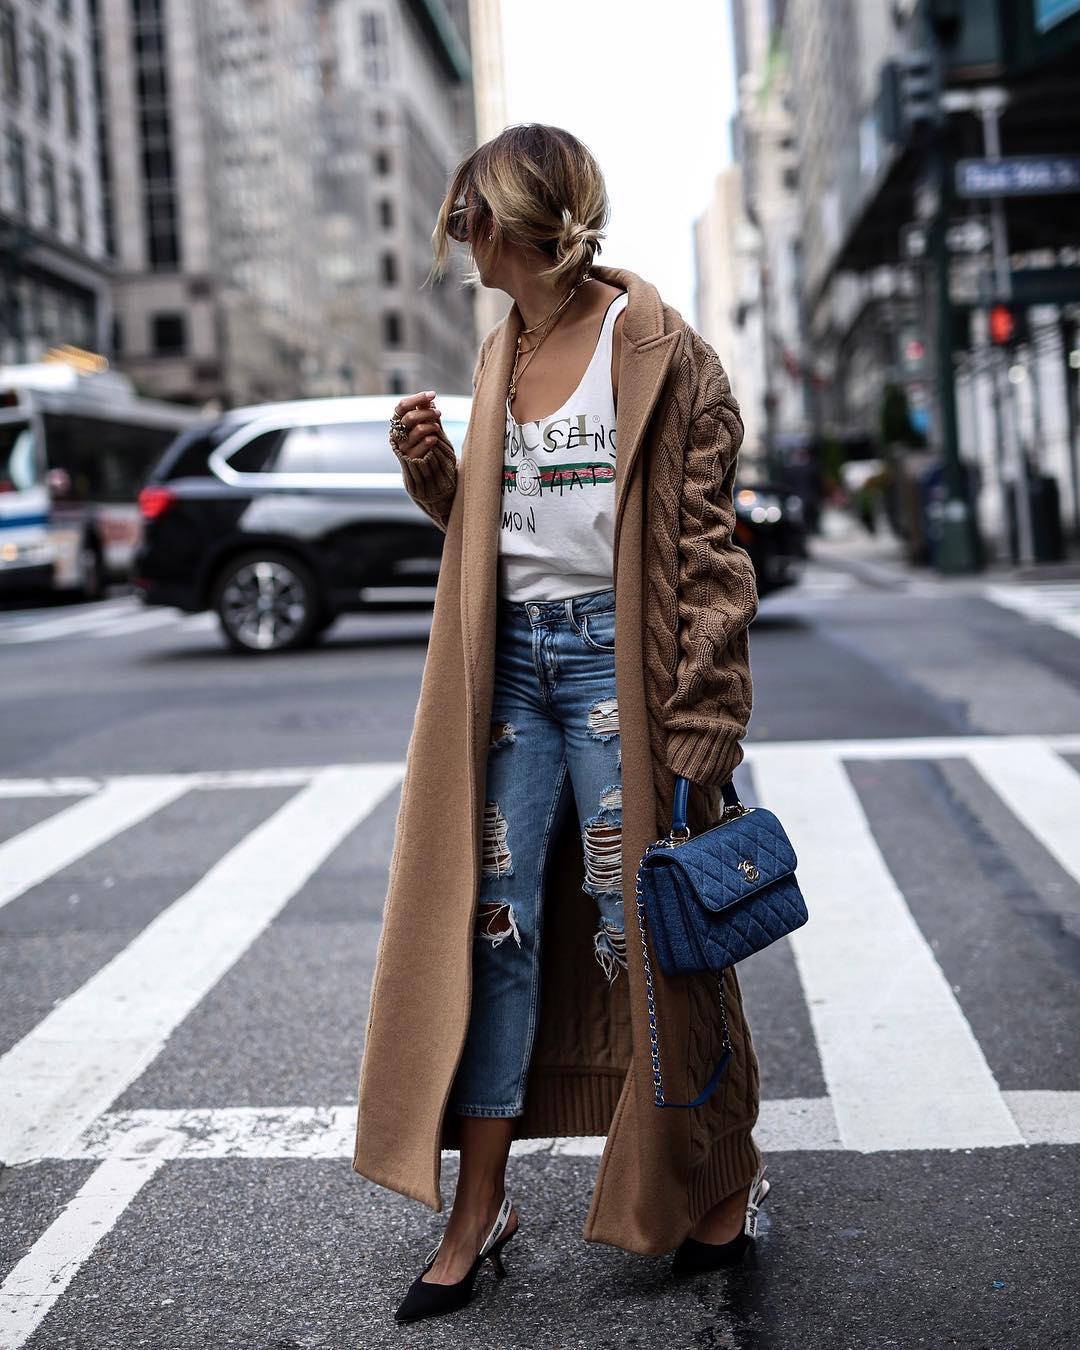 Бежевое пальто 2020: идеи, которые помогут выглядеть красиво (+27 фото)